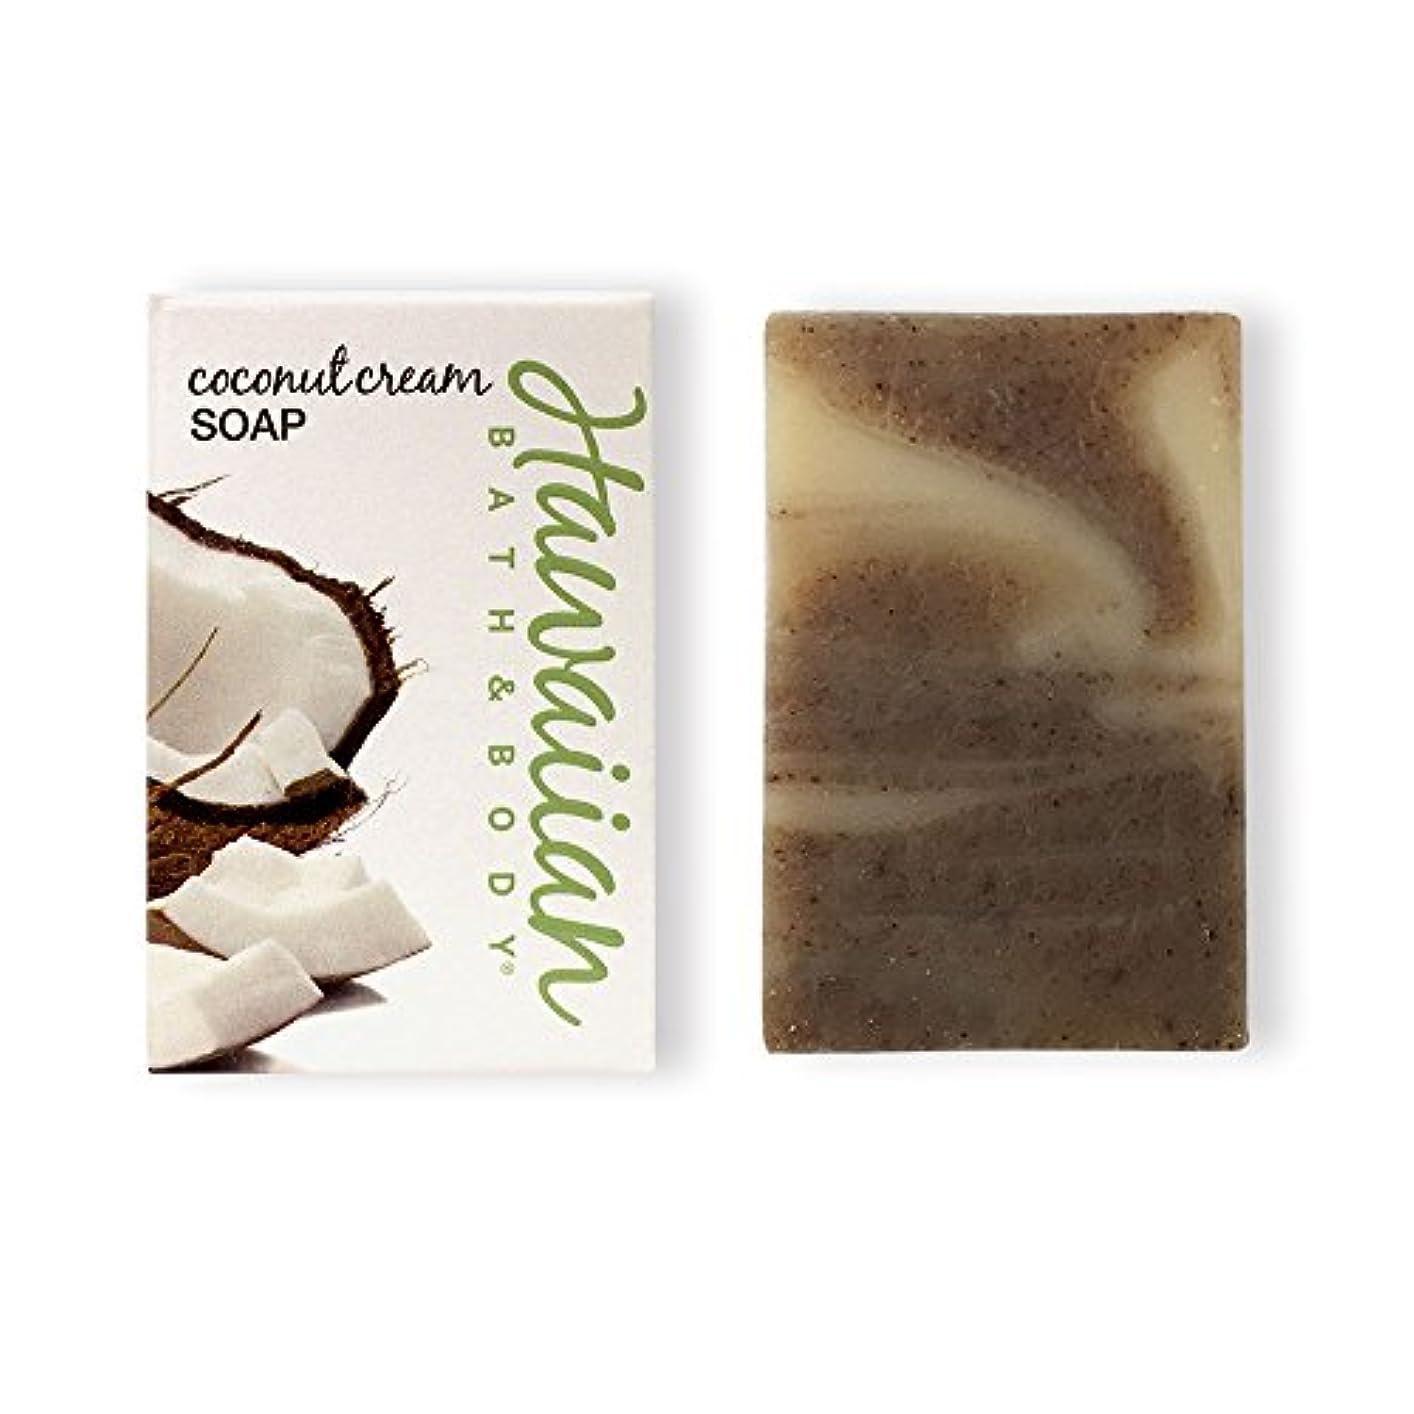 ミル治すちょうつがいハワイアンバス&ボディ ココナッツクリームソープ ( Coconut Soap )